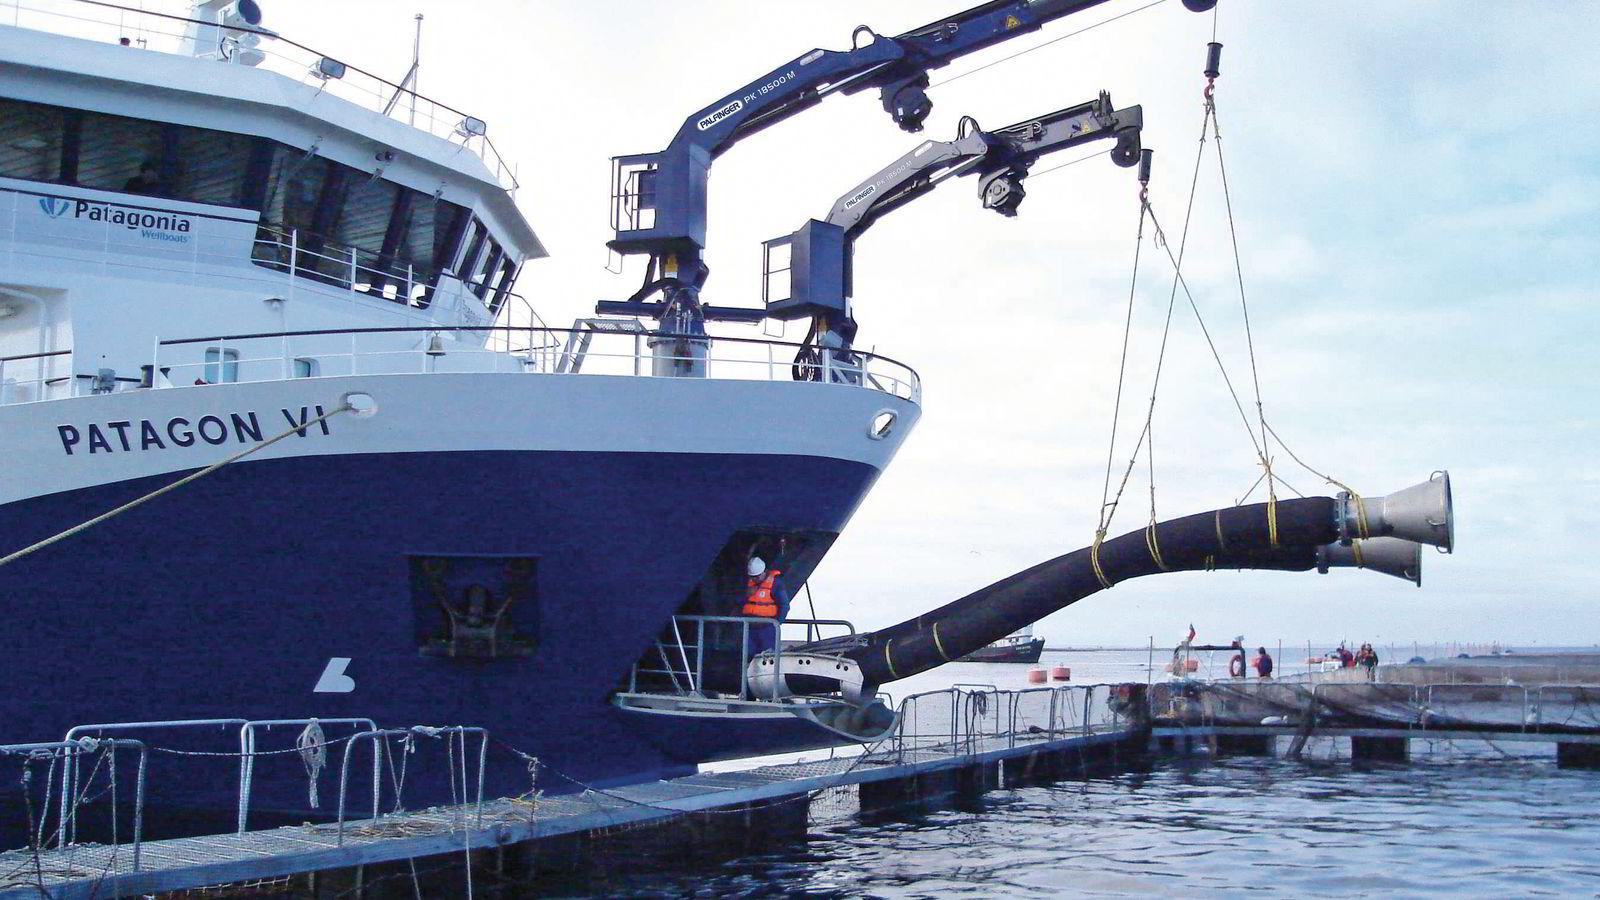 Kranprodusenten Palfinger Marine leverer blant annet kraner til brønnbåter, som her på bildet.